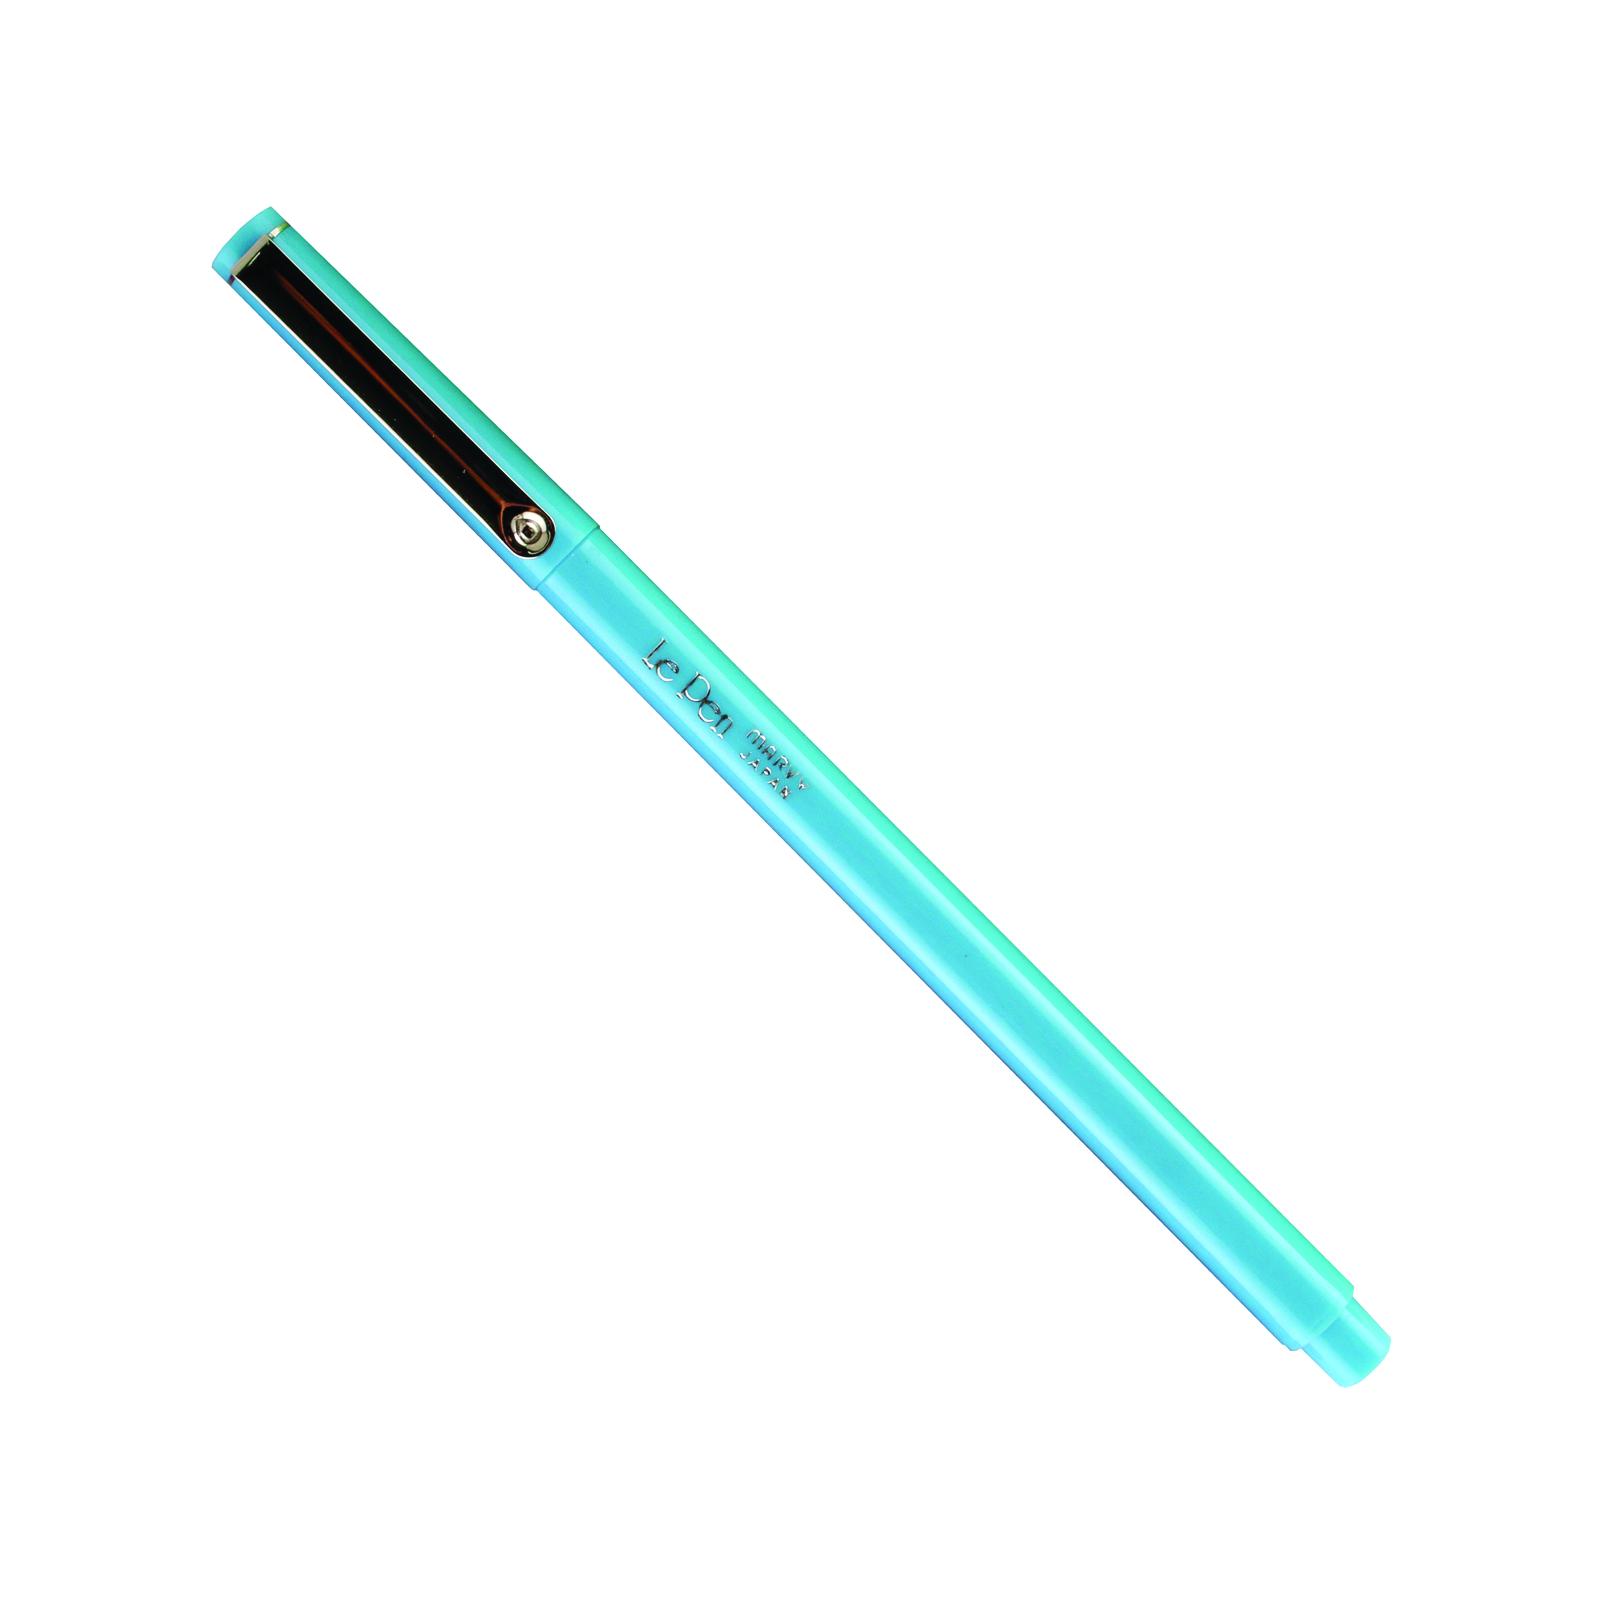 LE PEN NEON BLUE